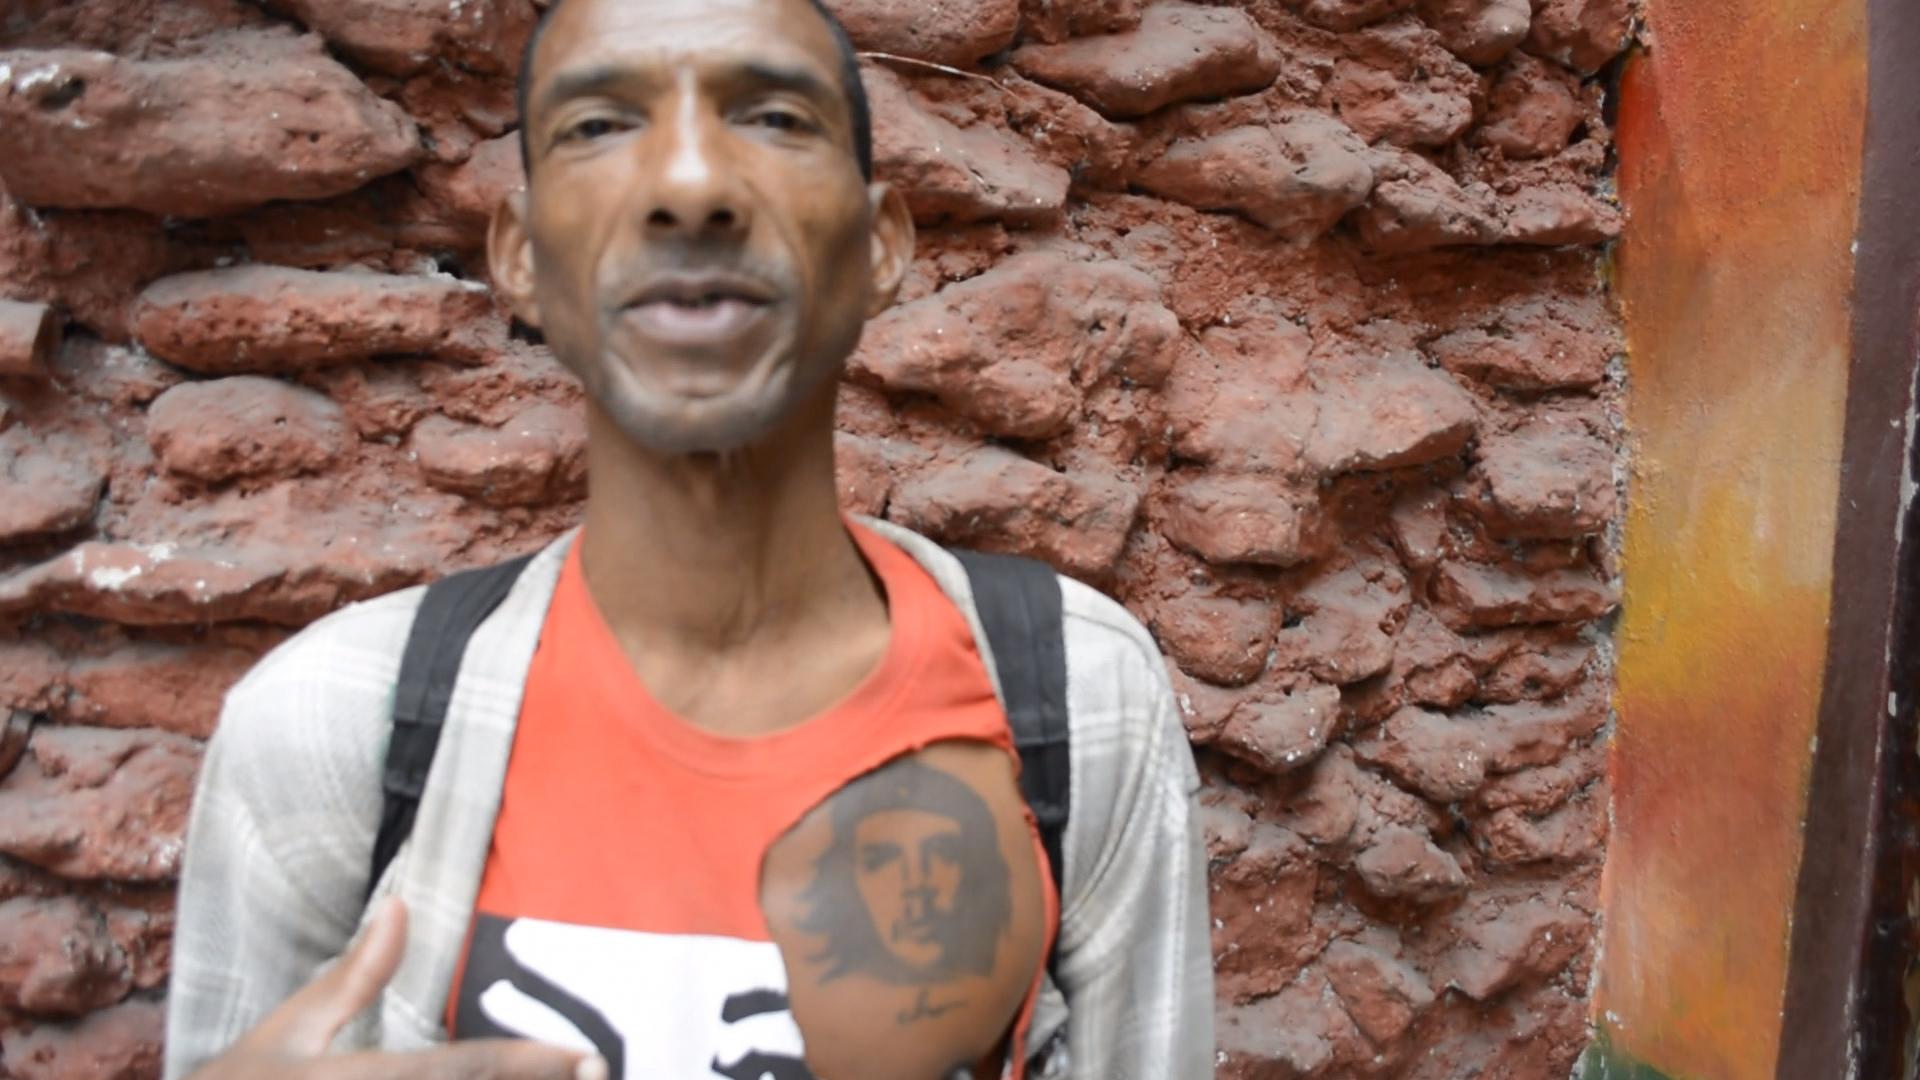 Videotagebuch Mein Kuba - Leben im Sozialismus: Kubaner mit Che Guevara-Tattoo auf der Brust